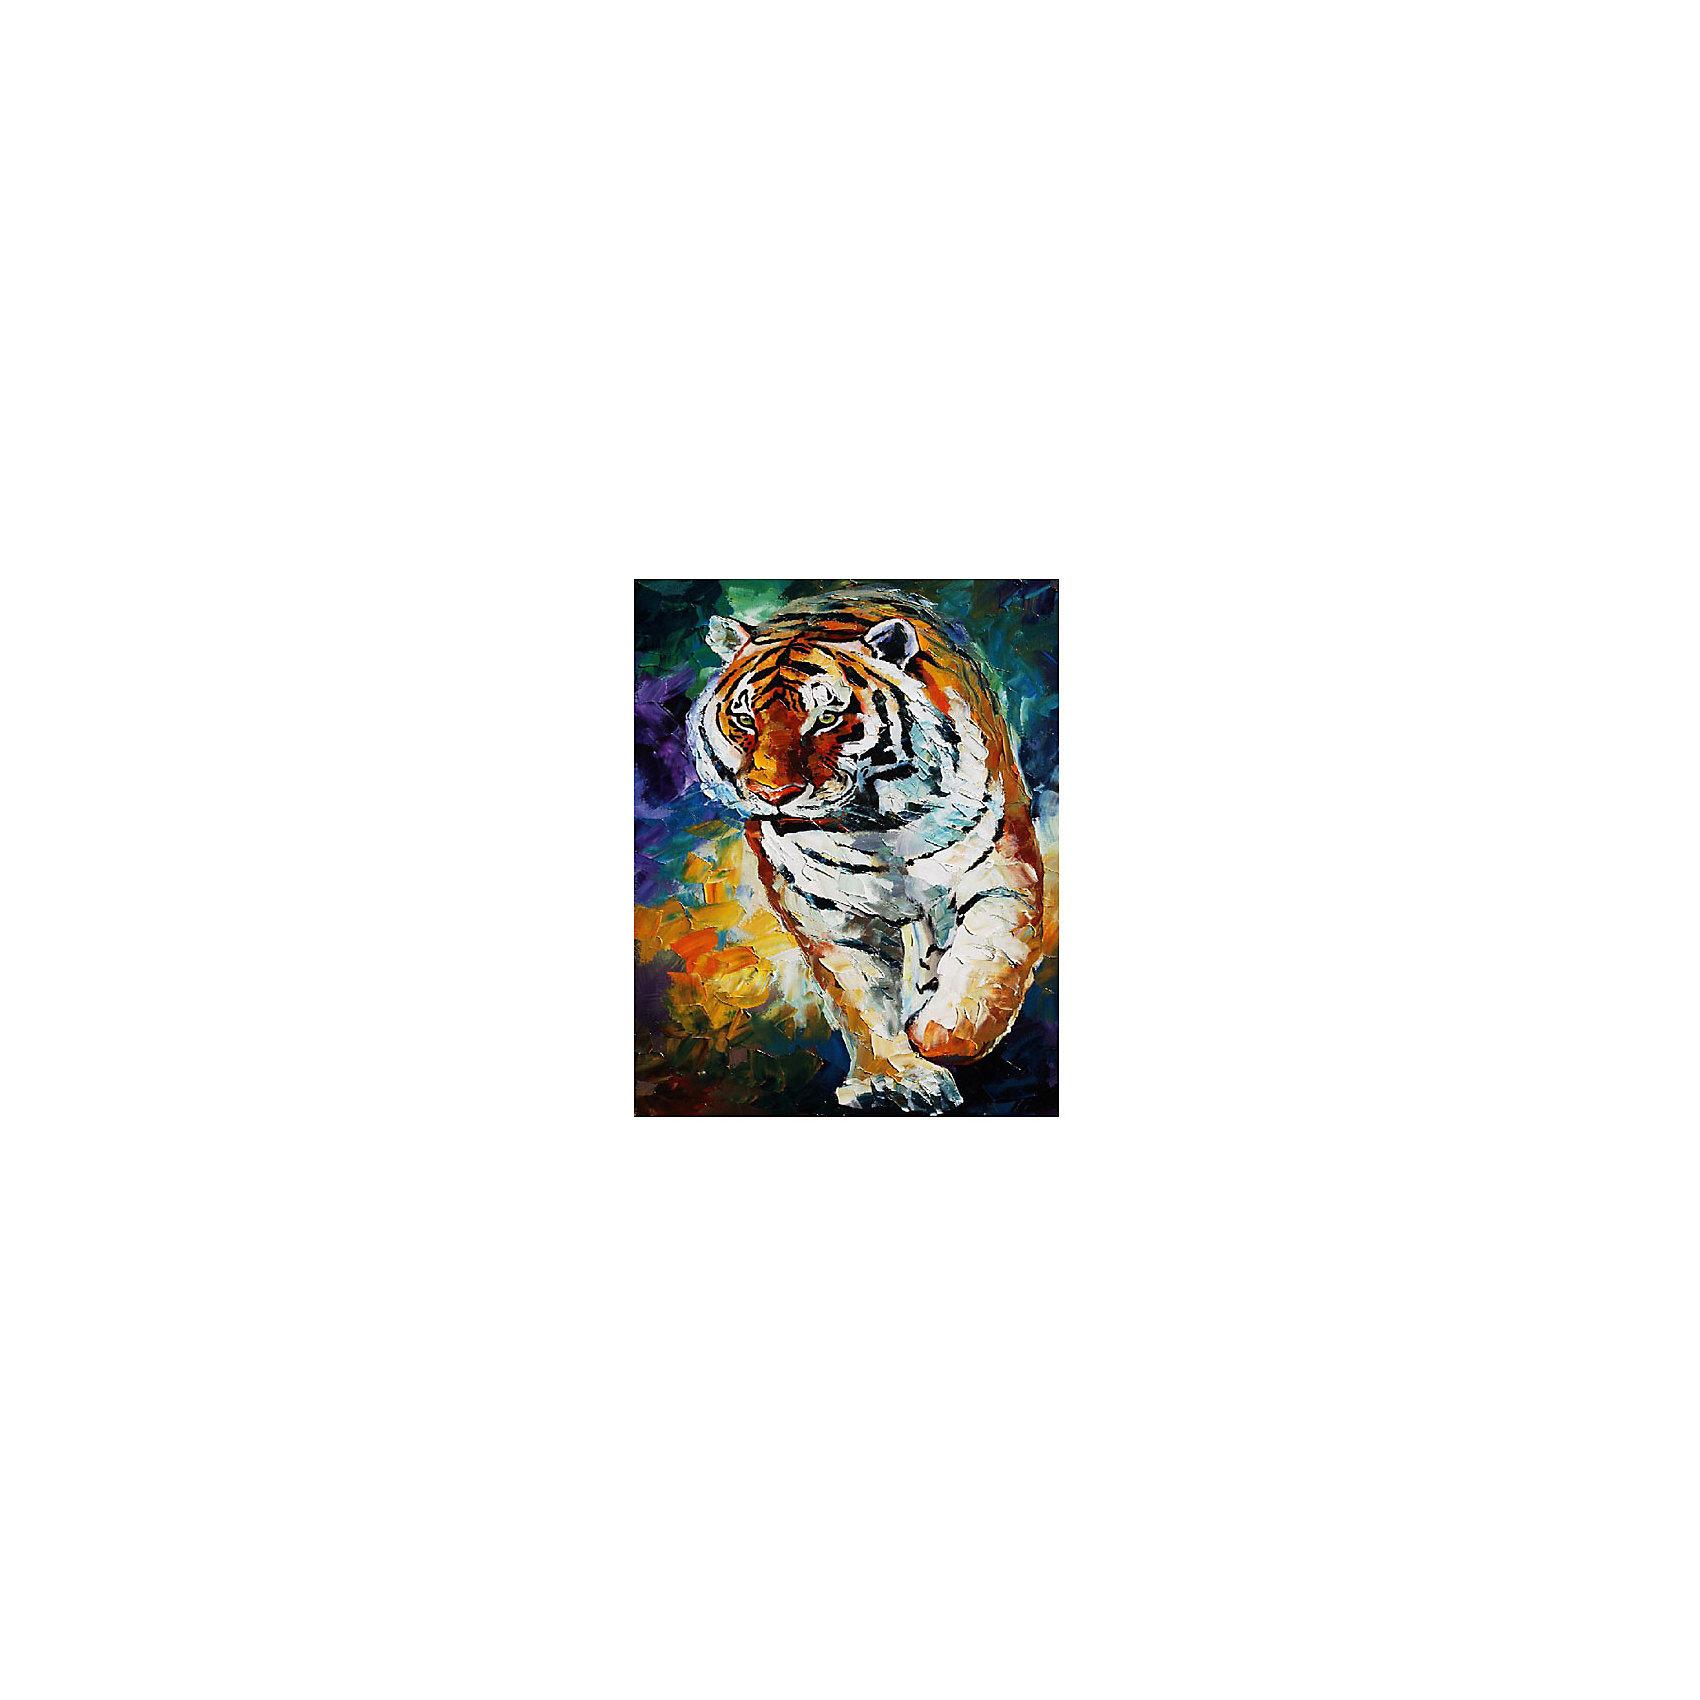 Картина по номерам Афремов: Тигр, 40*50 смРаскраски по номерам<br>Характеристики товара:<br><br>• материал упаковки: картон <br>• в комплект входит: холст, акриловые краски, 3 кисти<br>• количество красок: 24<br>• возраст: от 8 лет<br>• вес: 730 г<br>• размер картинки: 40х50 см<br>• габариты упаковки: 40х50х4 см<br>• страна производитель: Китай<br><br>Наборы для создания картин по номерам совсем недавно появились на рынке, но уже успели завоевать популярность. Закрашивая черно-белые места на картинке, ребенок получит полноценную картину и развитие художественного мастерства. Материалы, использованные при изготовлении товаров, проходят проверку на качество и соответствие международным требованиям по безопасности. <br><br>Картину по номерам Афремов: Тигр, 40*50 см можно купить в нашем интернет-магазине.<br><br>Ширина мм: 500<br>Глубина мм: 400<br>Высота мм: 40<br>Вес г: 730<br>Возраст от месяцев: 108<br>Возраст до месяцев: 2147483647<br>Пол: Унисекс<br>Возраст: Детский<br>SKU: 5417690